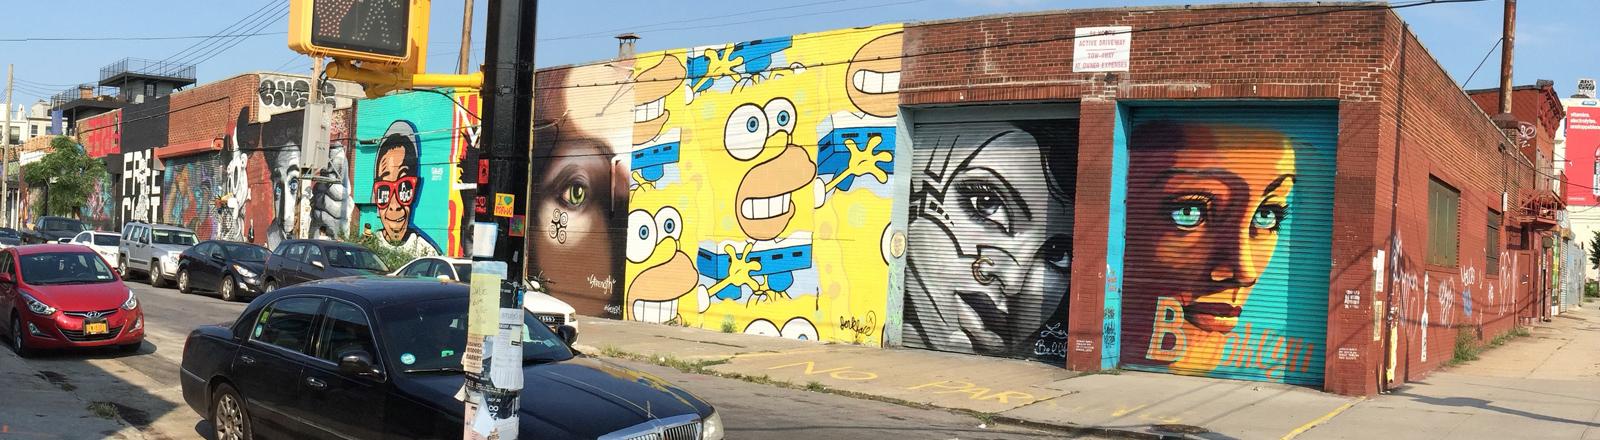 Mural in Bushwick, Brooklyn, New York